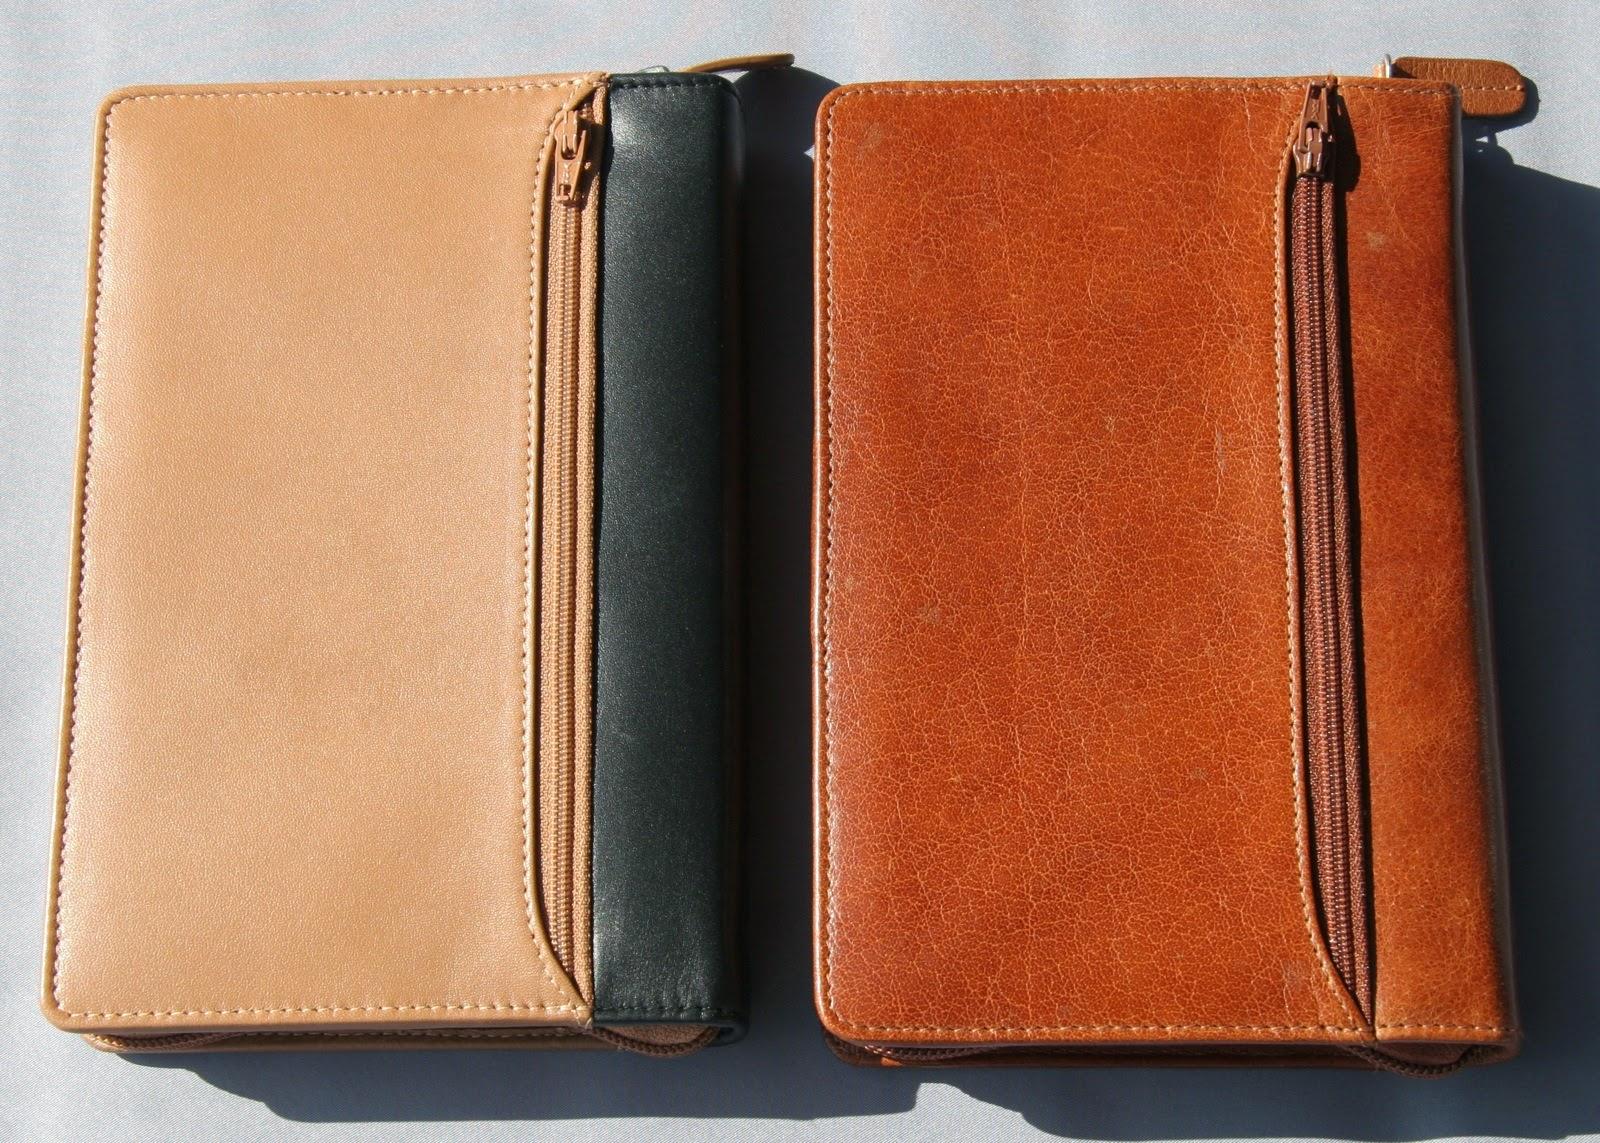 Filofax 829853 Nappa Leather Portfolio Case-Black